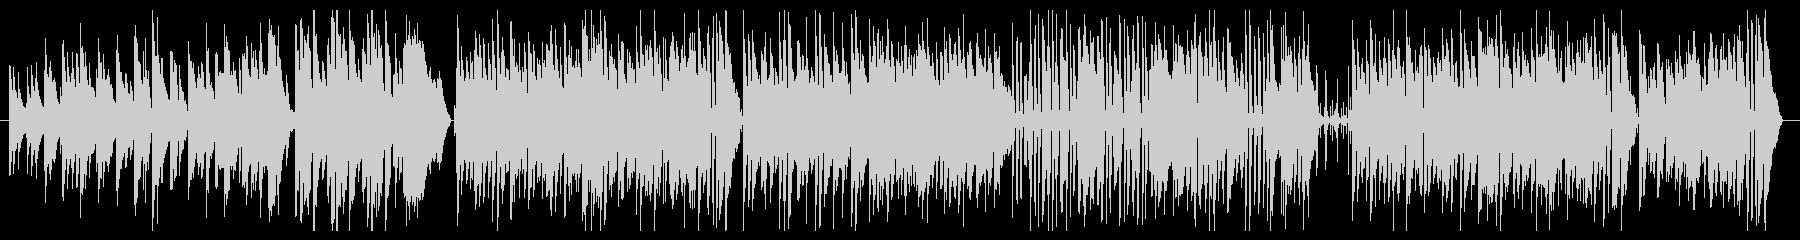 ジングルベル ピアノメインのジャズの未再生の波形